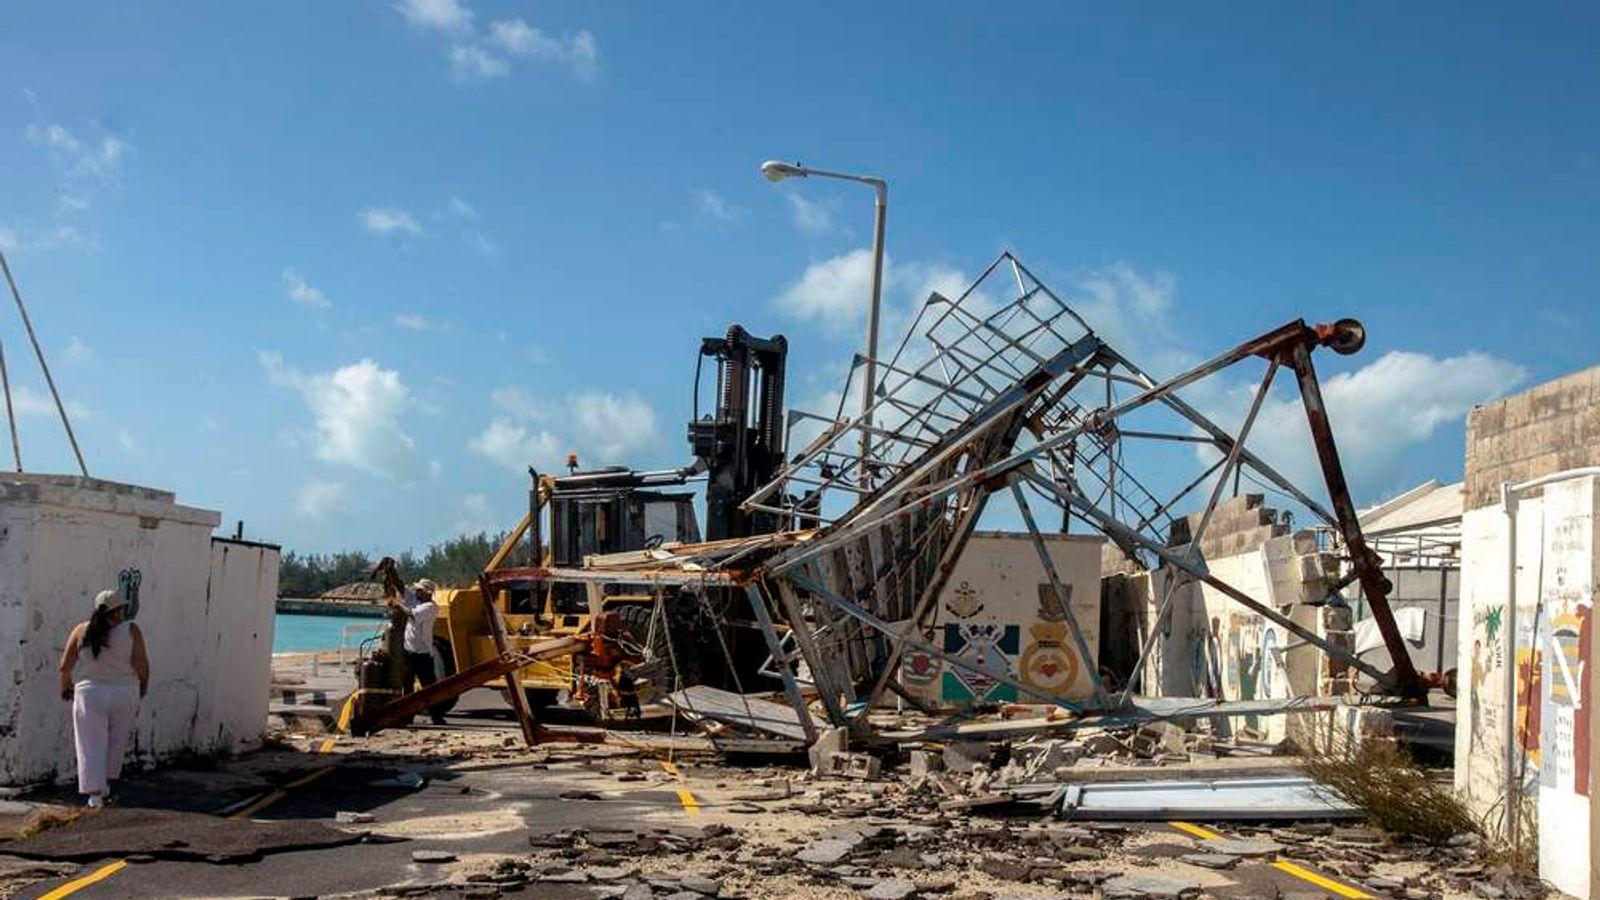 Woman walks around debris after Hurricane Gonzalo